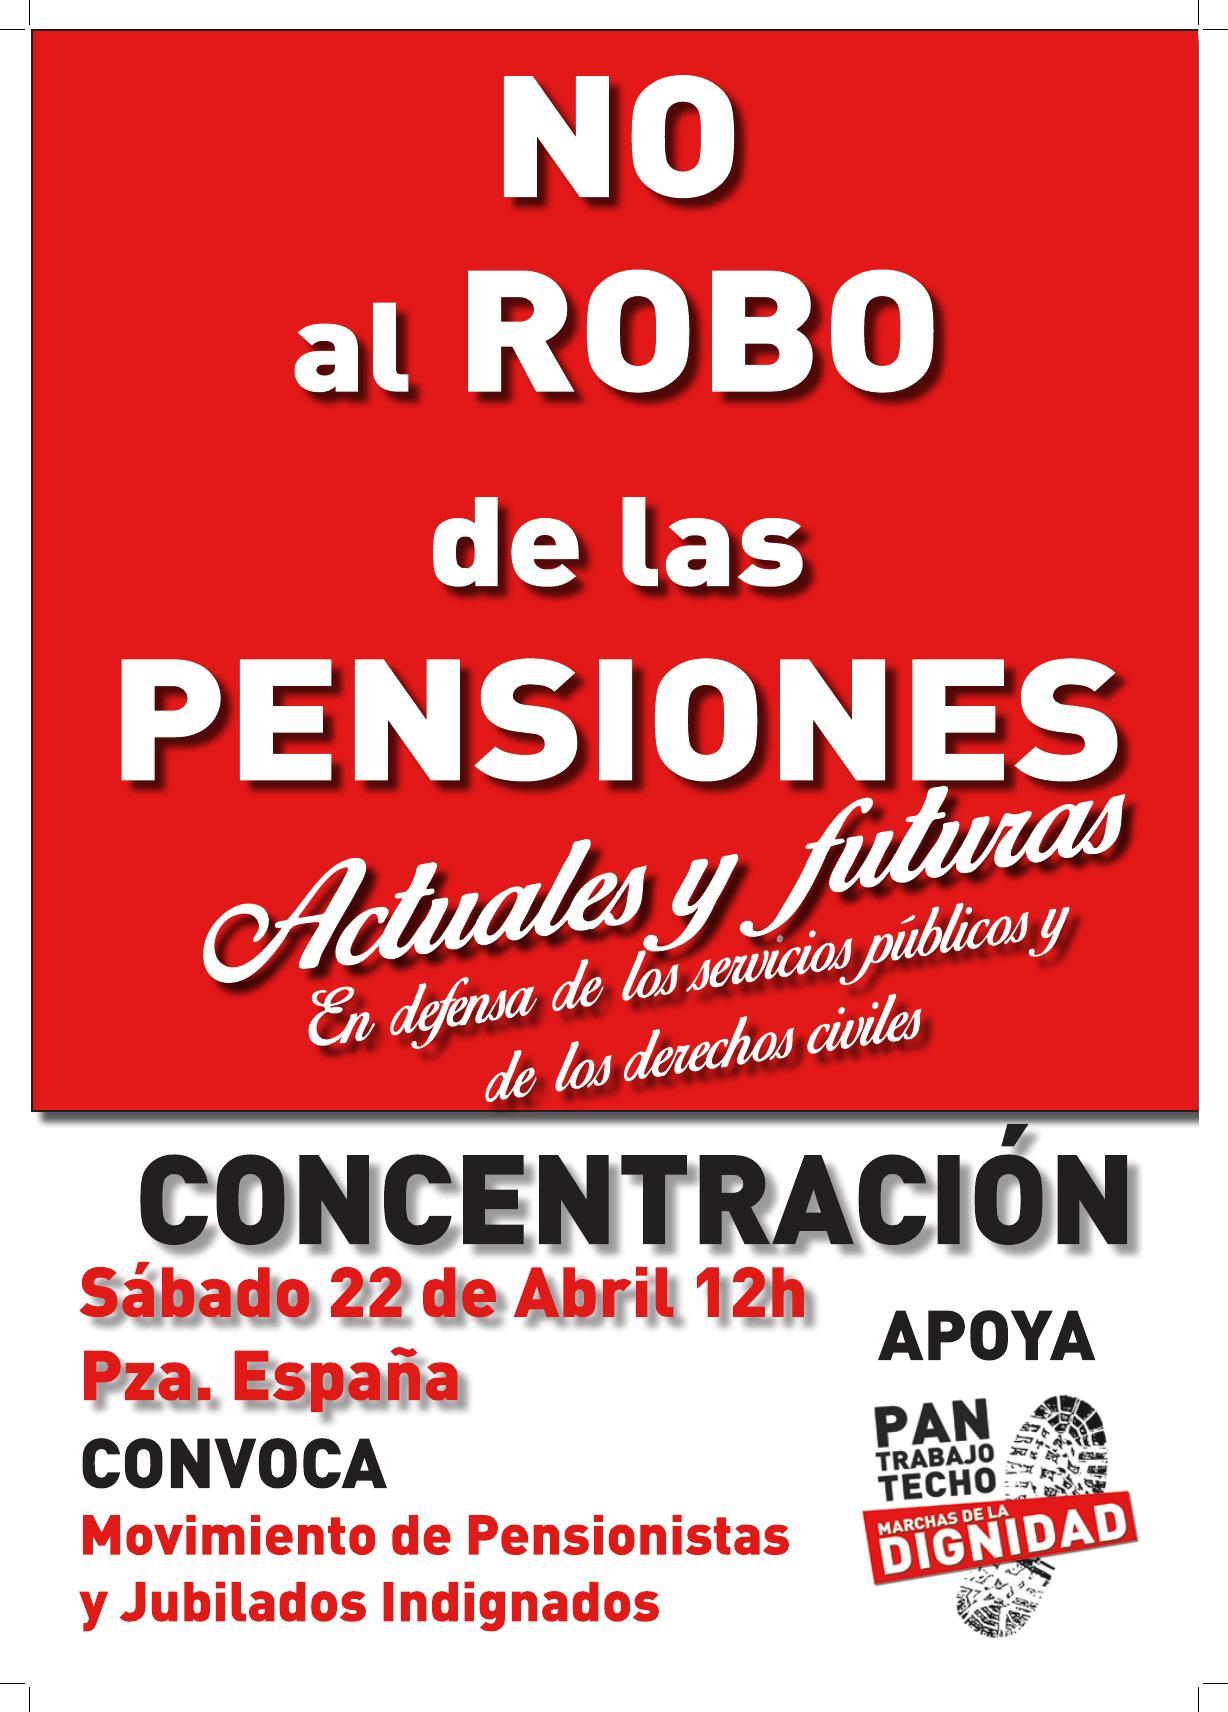 Concentración en Zaragoza. NO AL ROBO DE LAS PENSIONES, ACTUALES Y FUTURAS